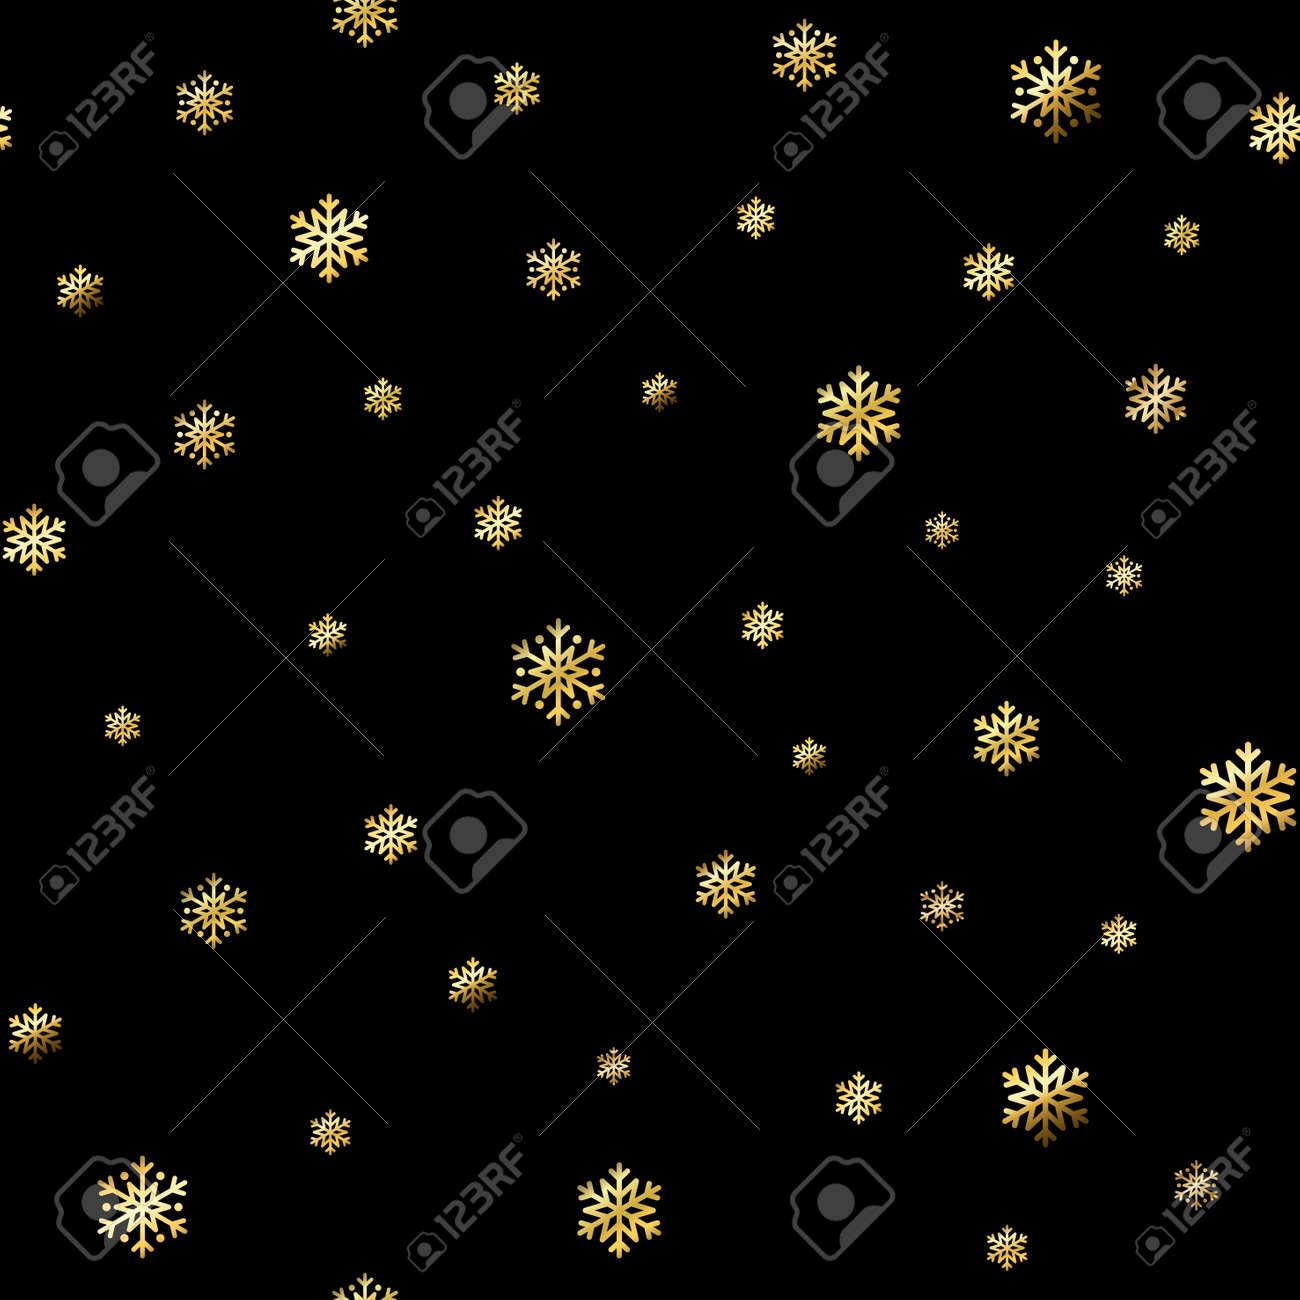 クリスマス雪の結晶のシームレスなパターン 金雪黒背景 黄金の抽象的な壁紙 テクスチャをラップします 冬 メリー クリスマスの休日 新年あけましておめでとうございますお祝いをシンボルします のイラスト素材 ベクタ Image 66902928